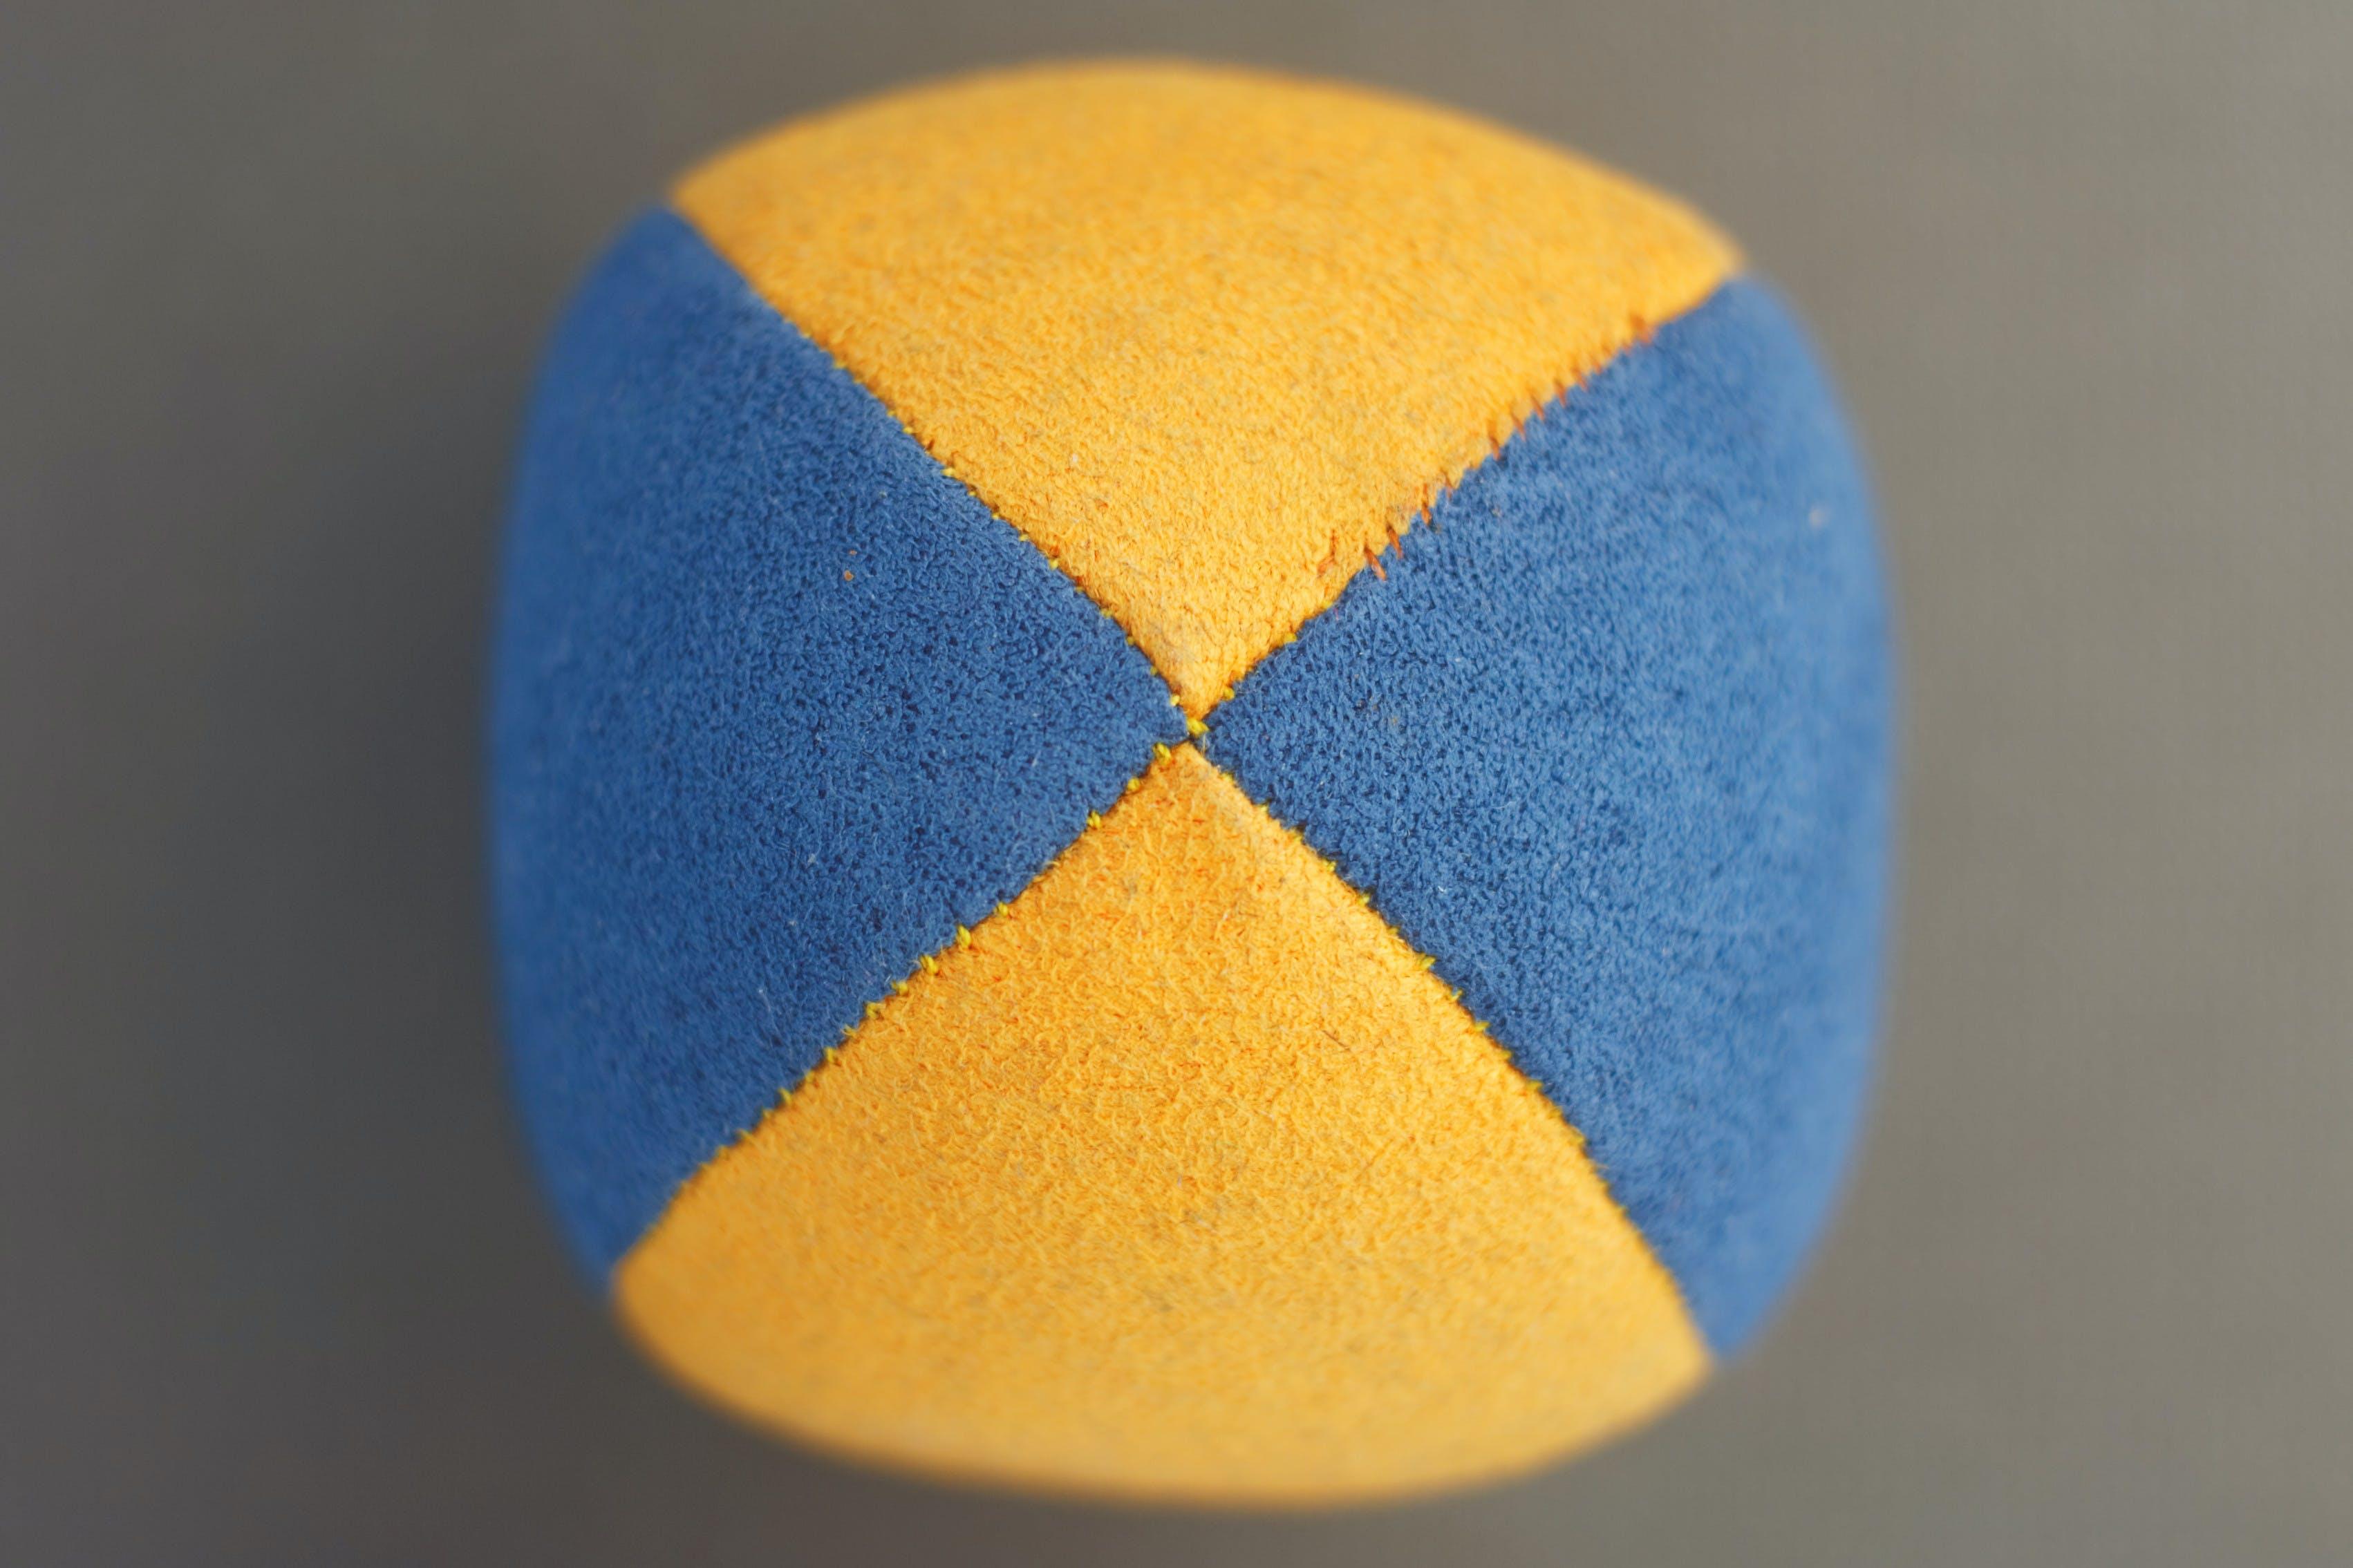 Free stock photo of ball, toys, theme details